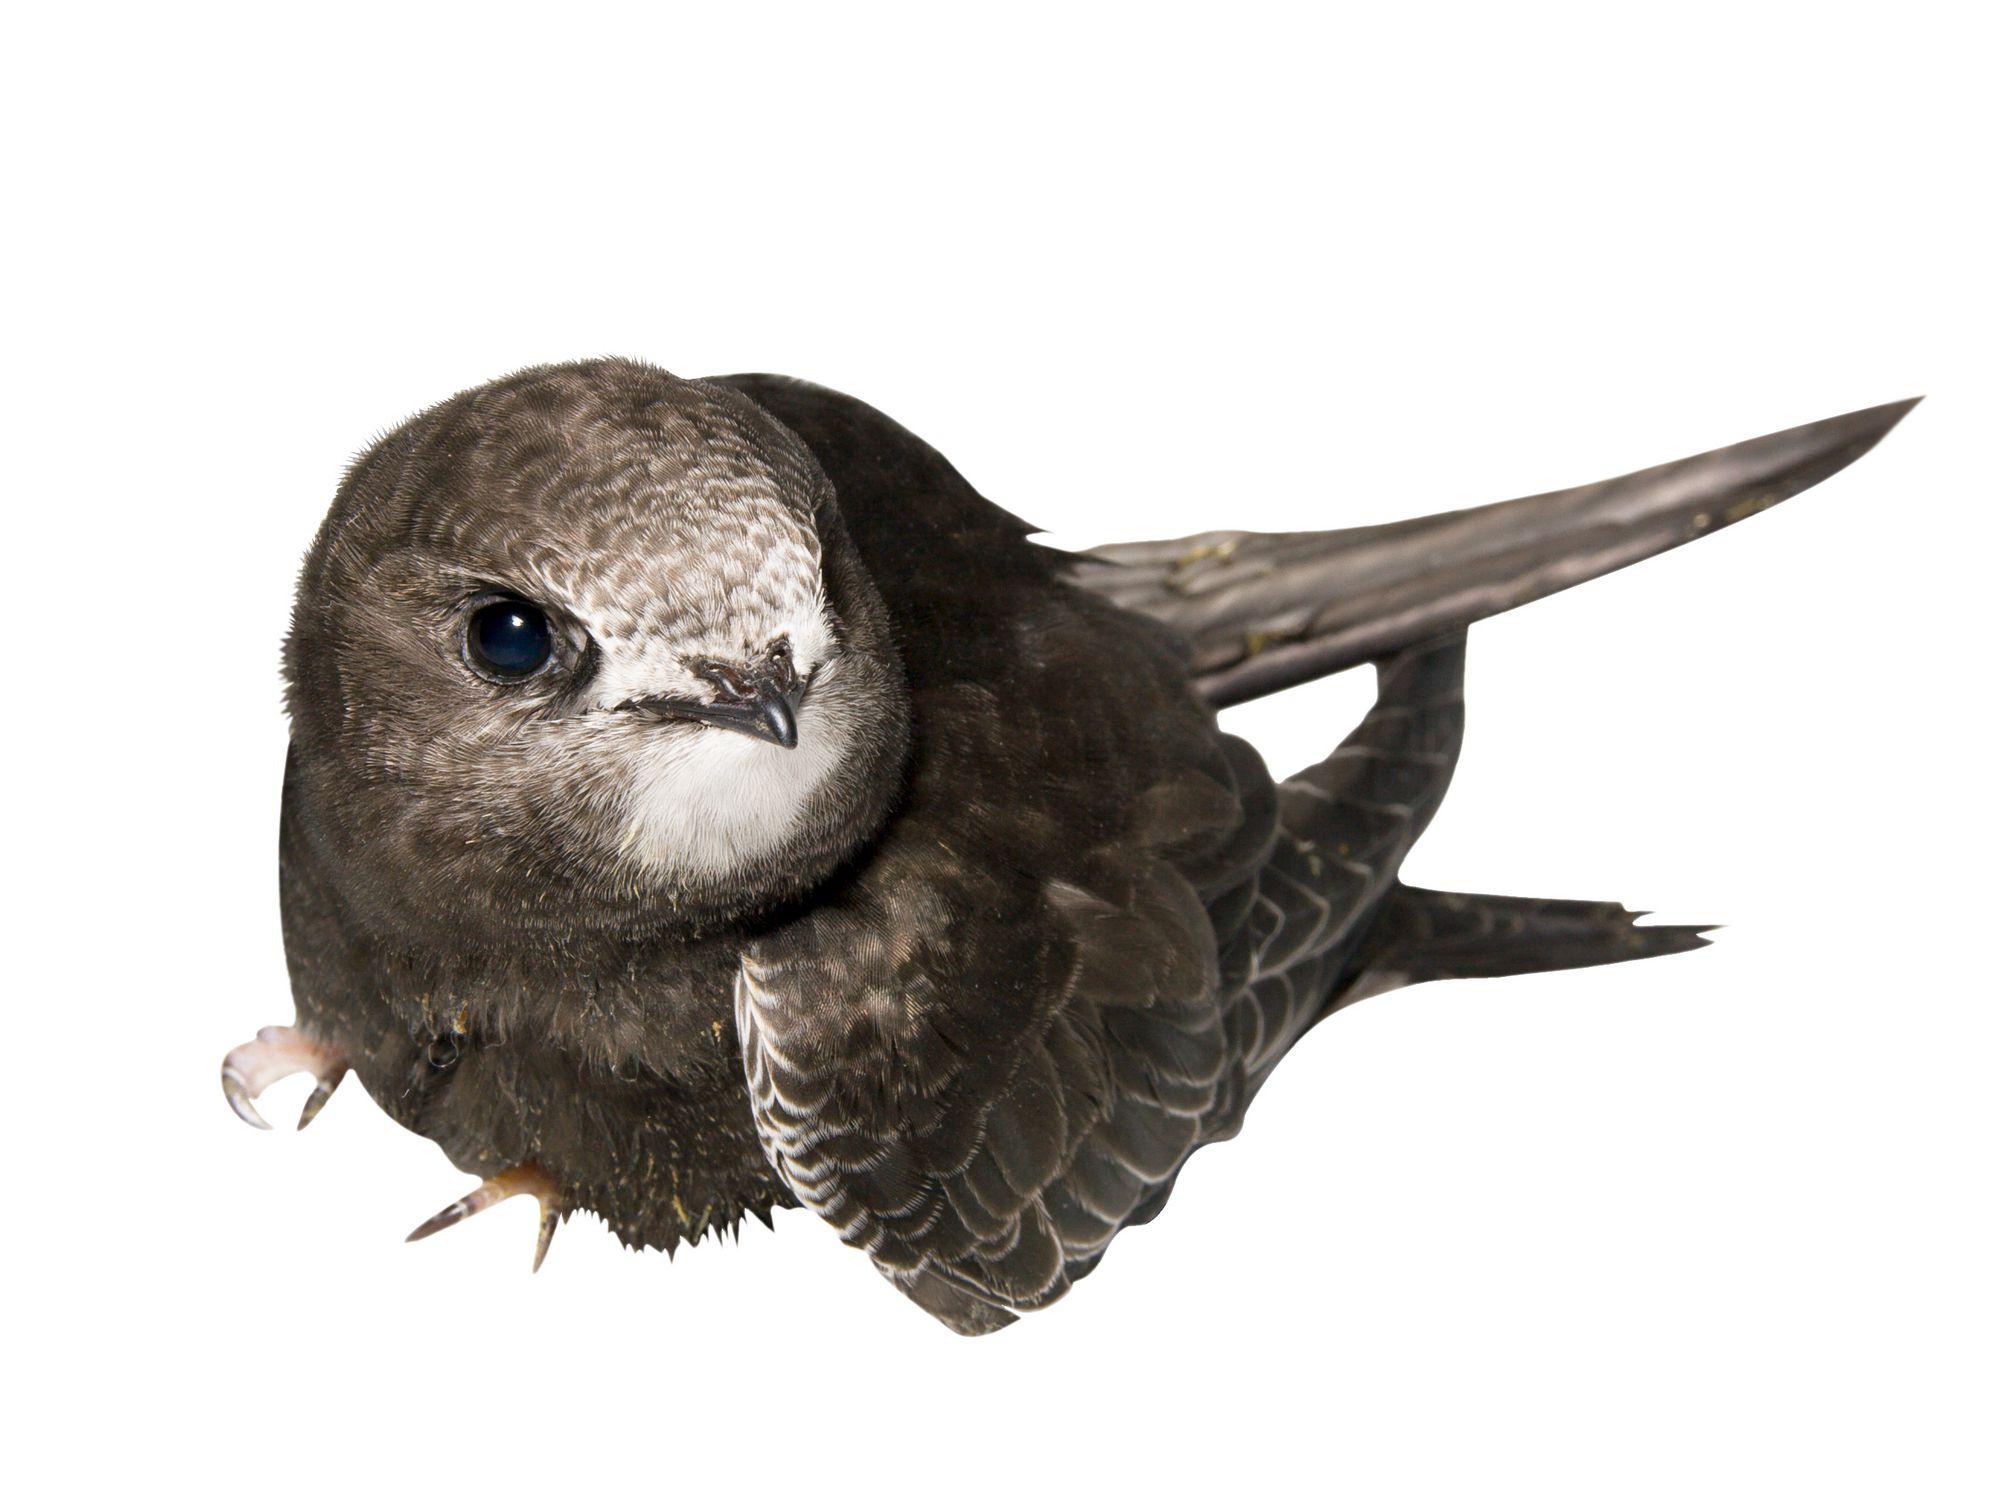 غذاء طائر السمامة